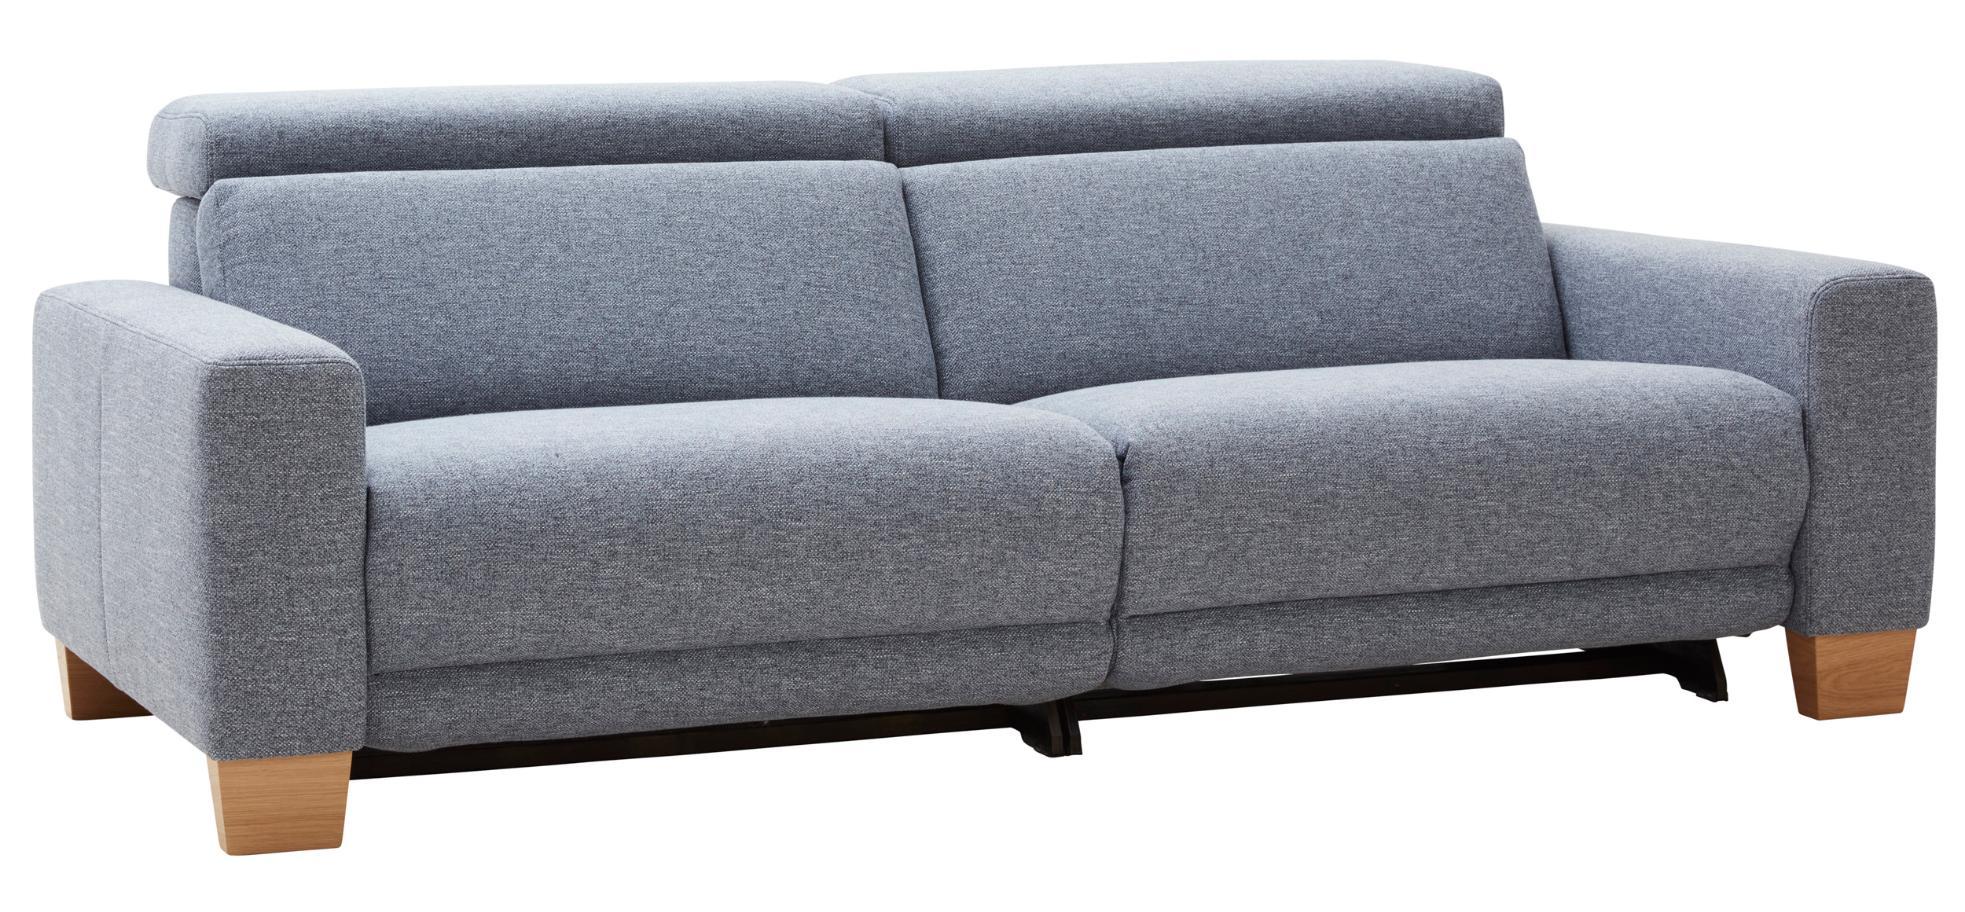 Full Size of Sofa Mit Relaxfunktion 3 Sitzer Mbel Gnz Natura Maryland In Blau Pantryküche Kühlschrank Betten Matratze Und Lattenrost 140x200 Abnehmbaren Bezug Samt Ektorp Sofa Sofa Mit Relaxfunktion 3 Sitzer